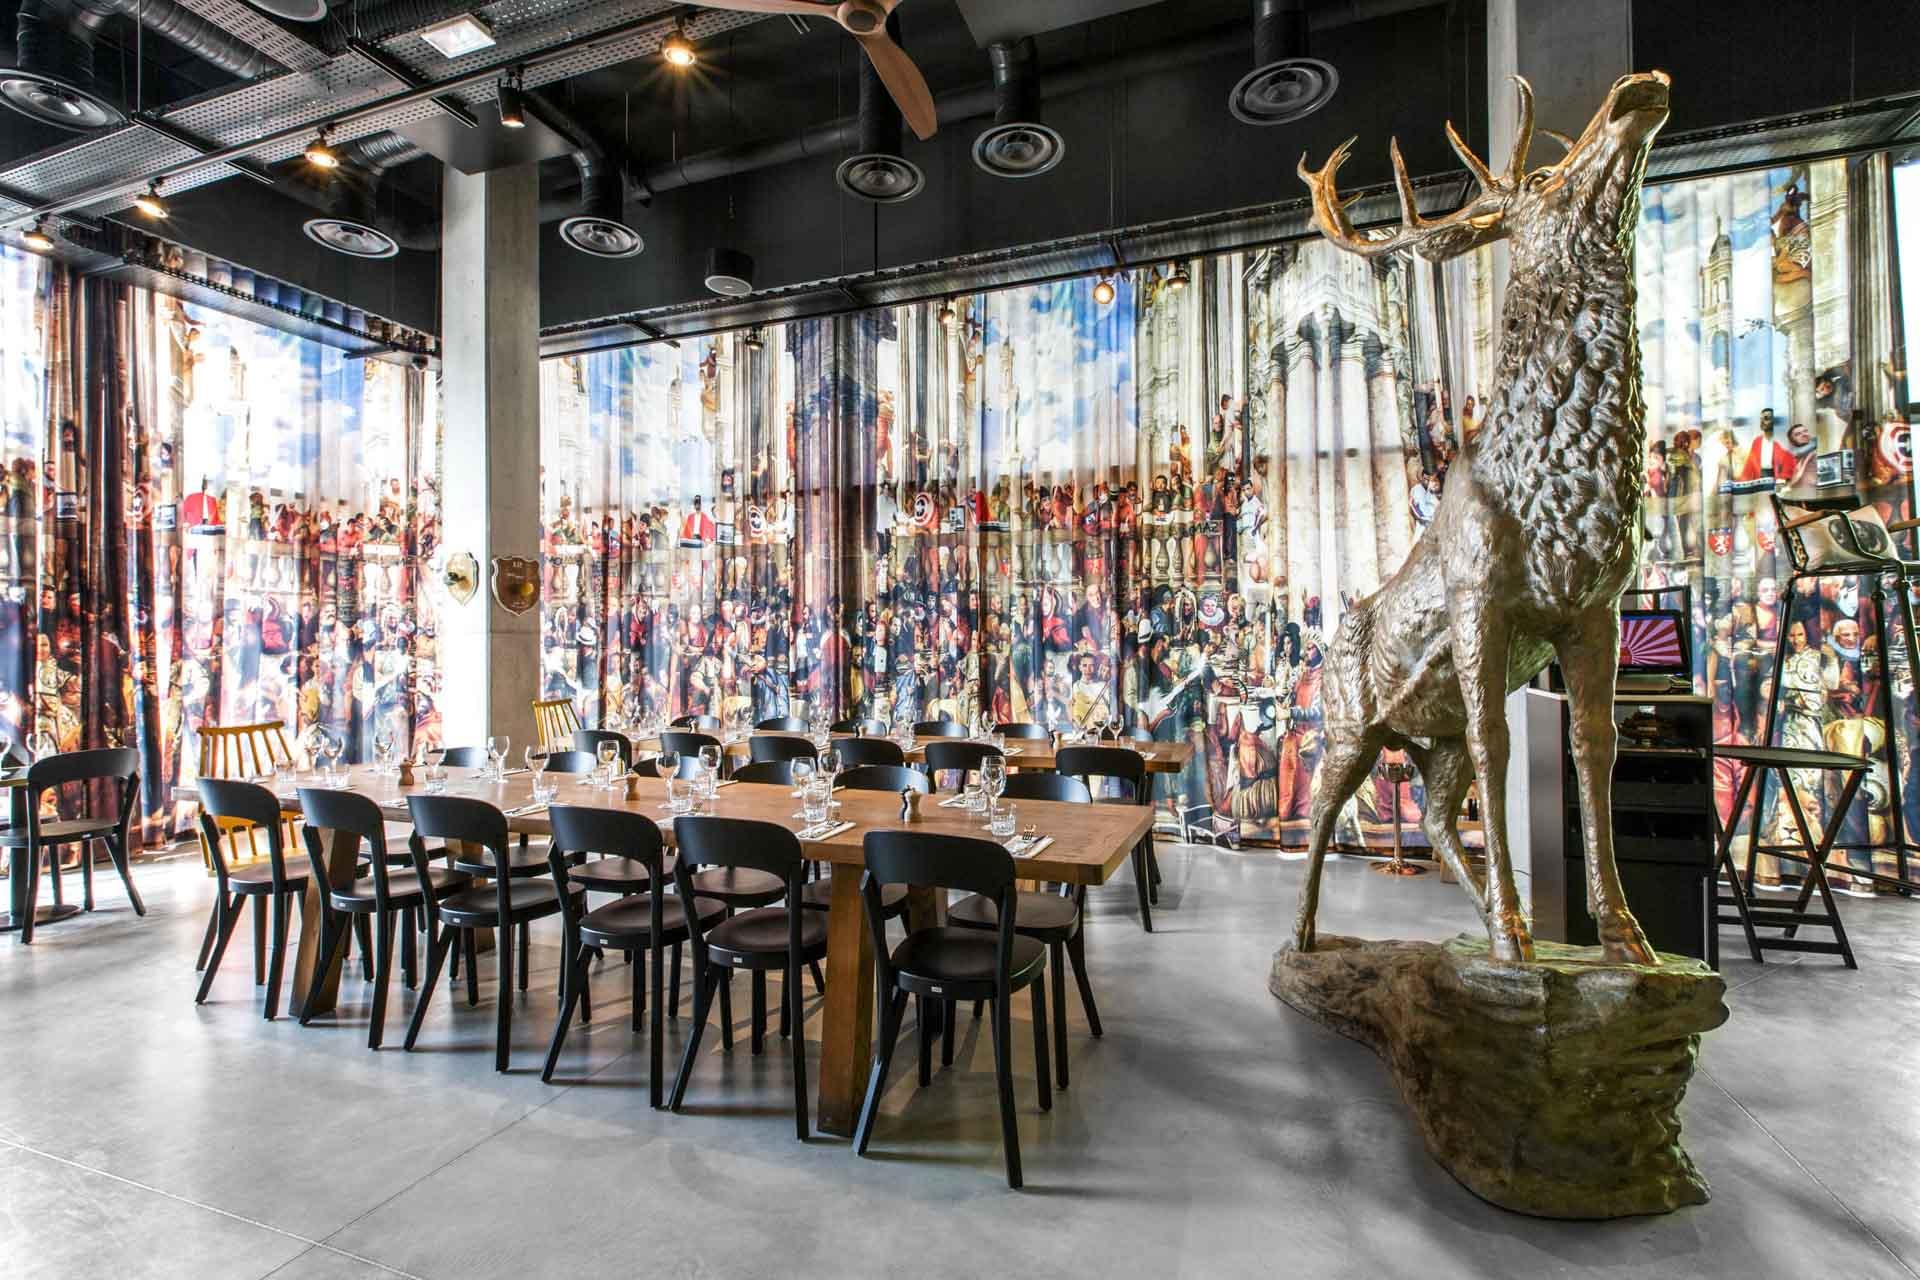 Apr s saint ouen mob ouvre un second h tel lyon confluence - Restaurant confluence domo ...